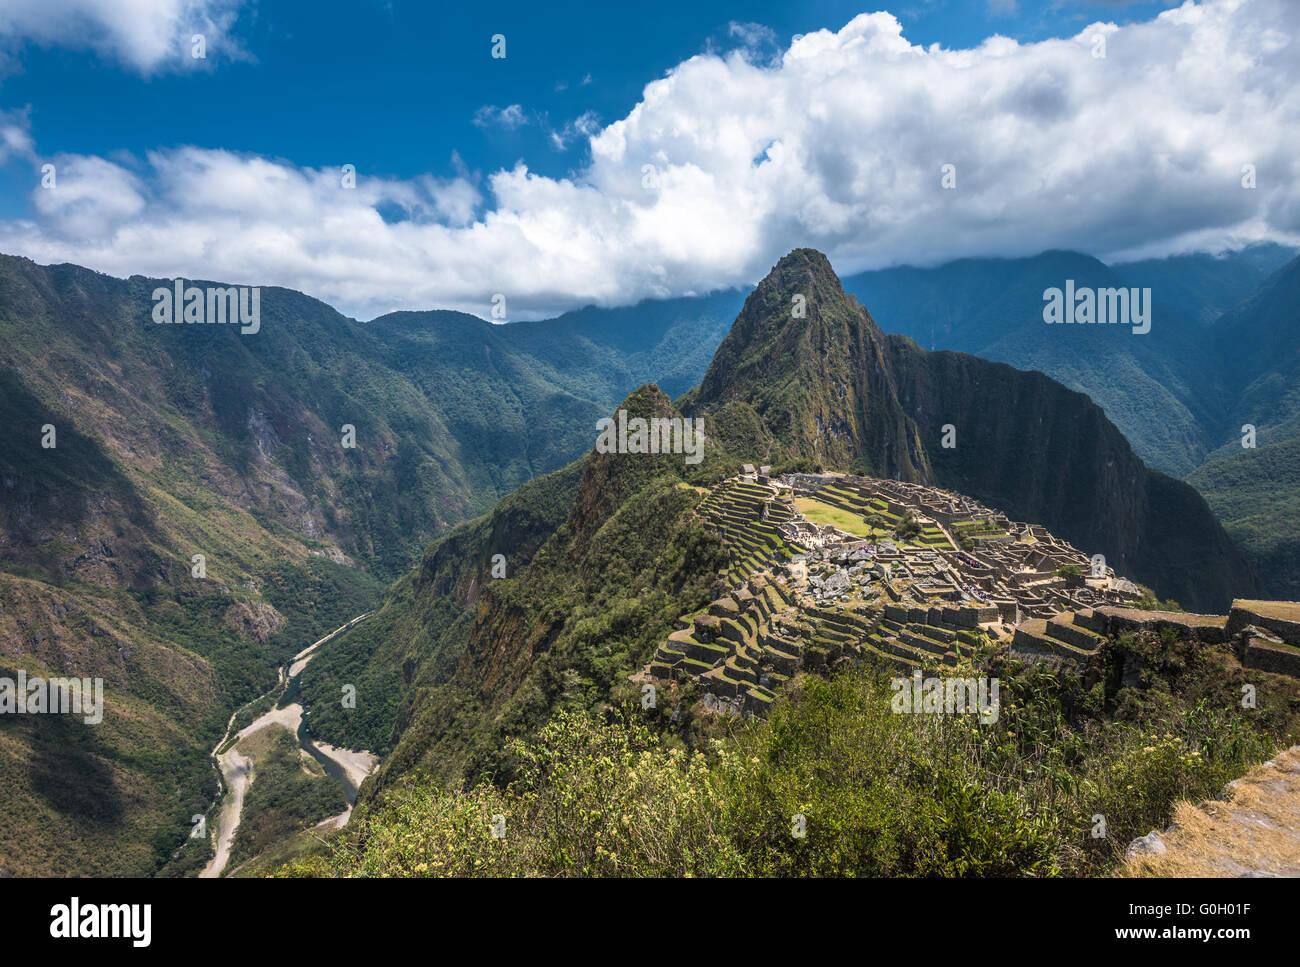 Machu Picchu, UNESCO-Weltkulturerbe. Eines der neuen sieben Weltwunder. Stockbild